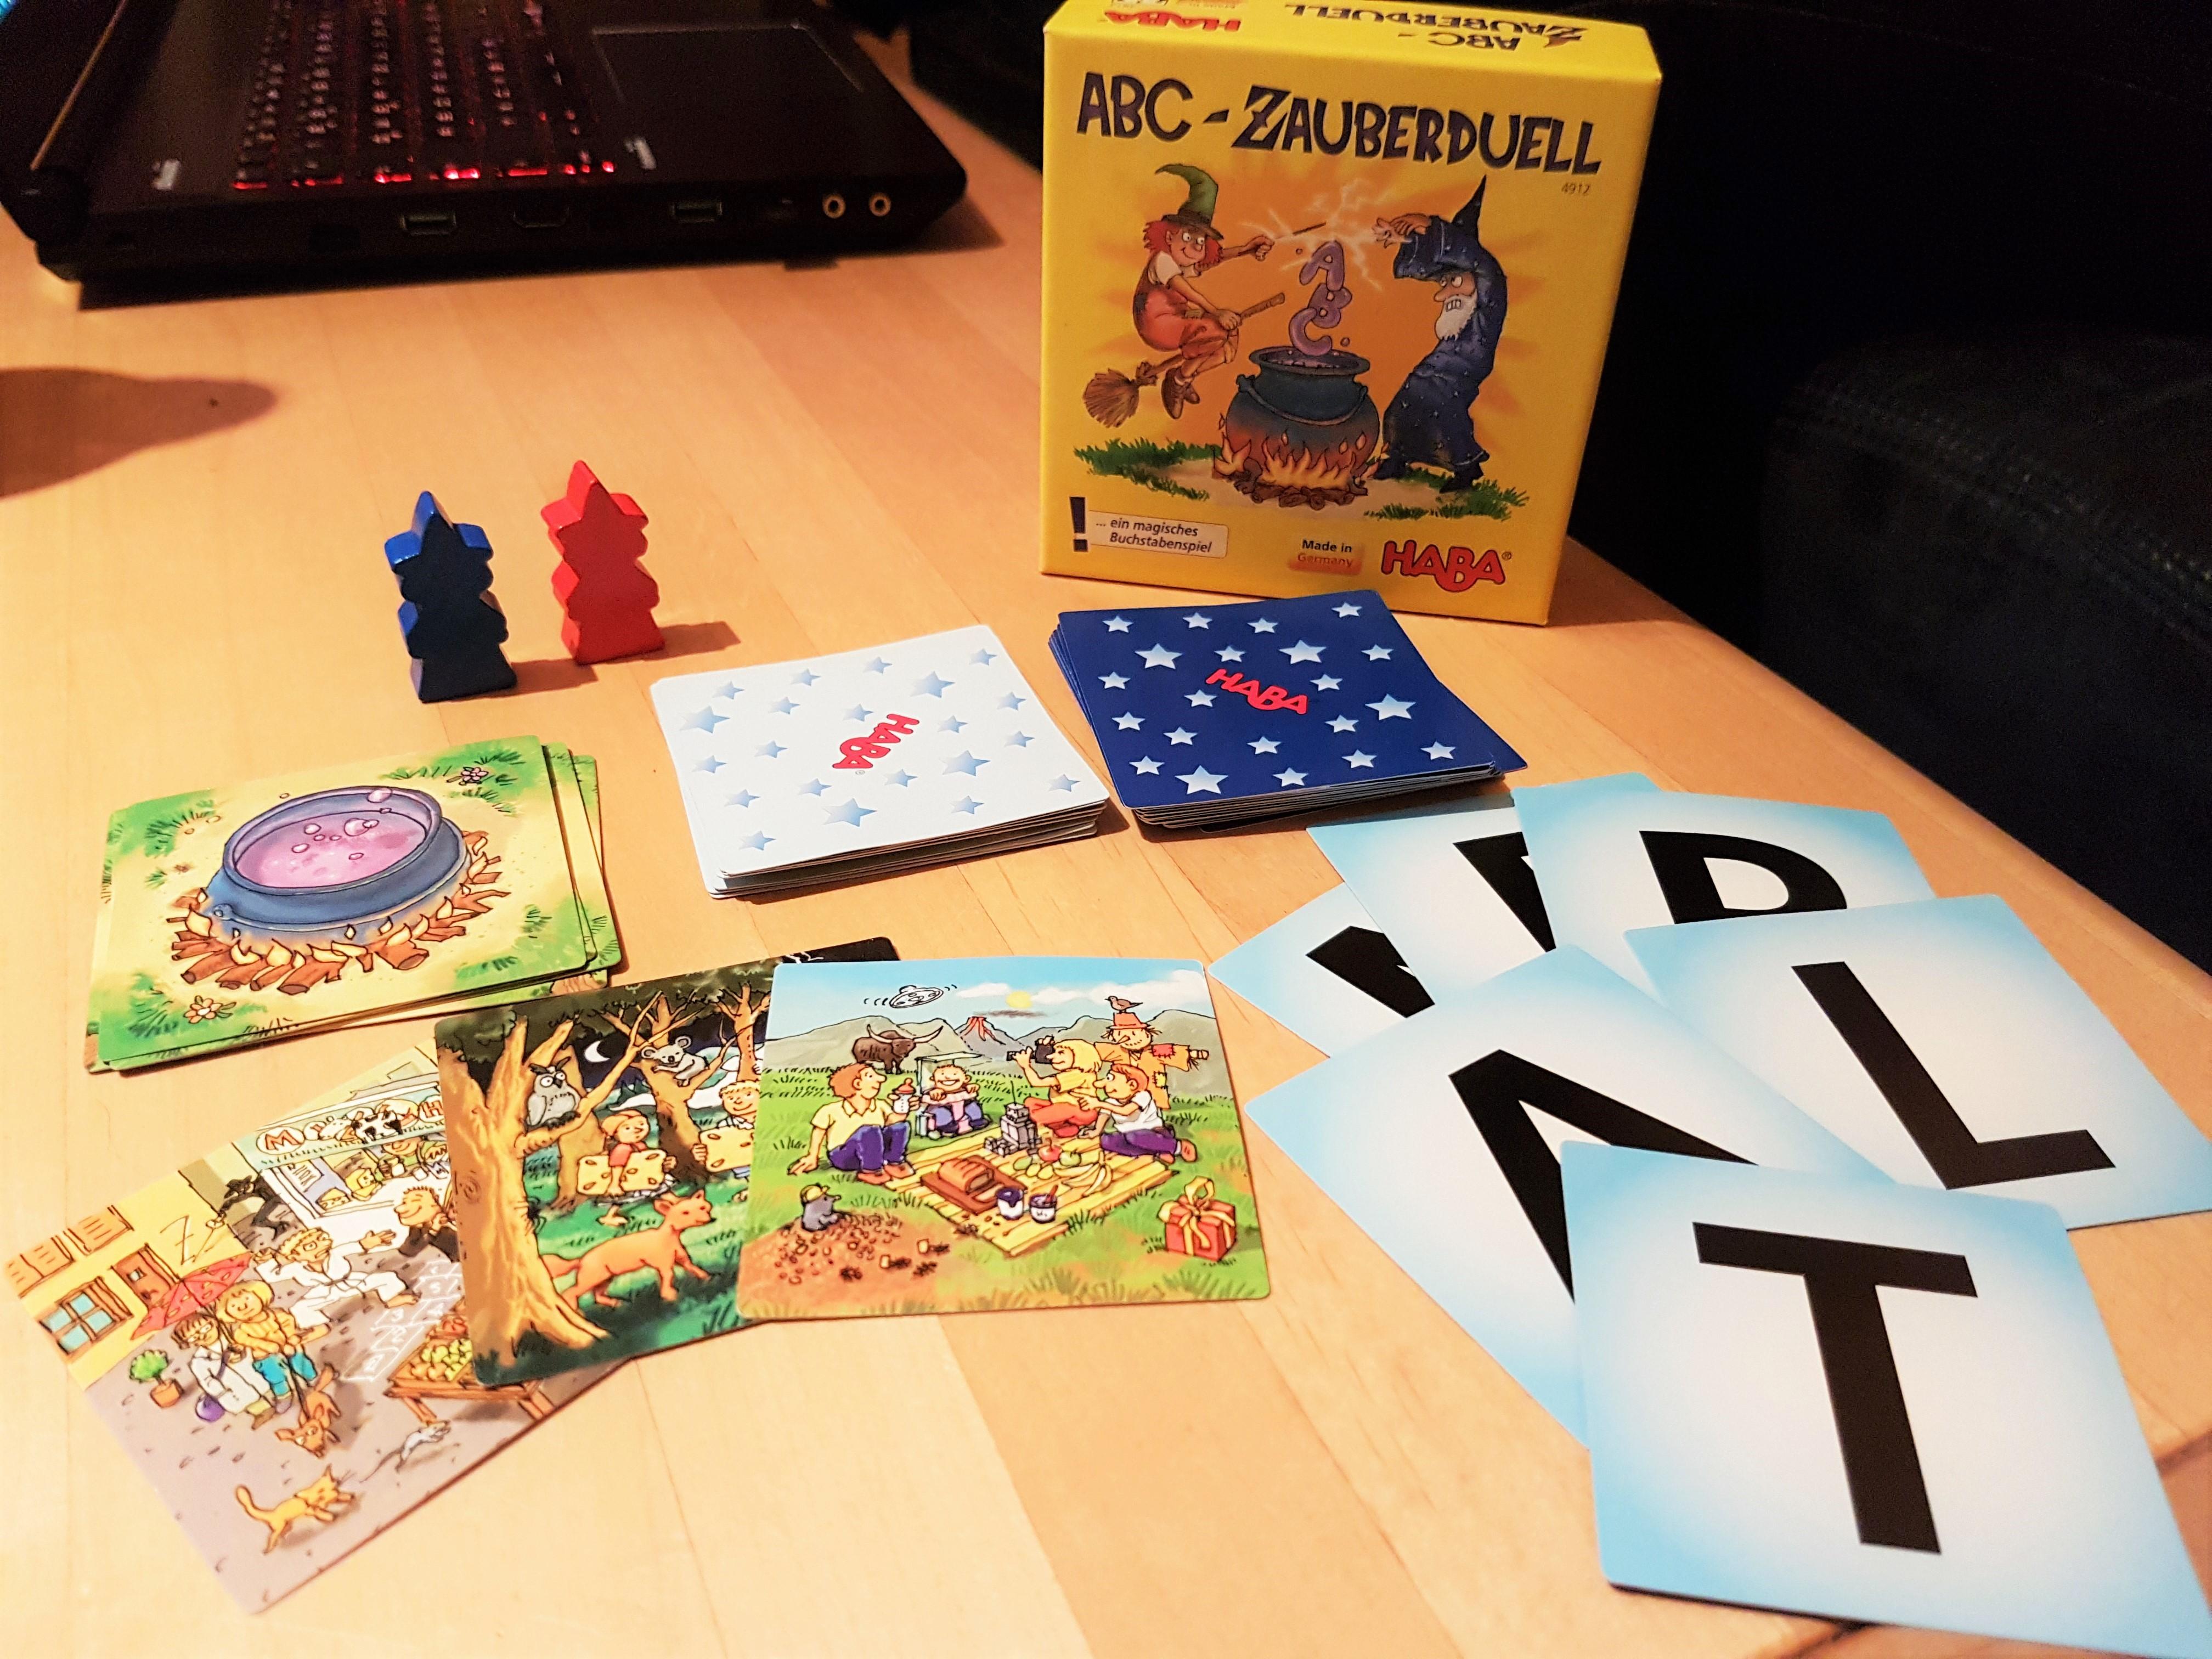 Zauberduell NEU /& OVP 6-99 Jahre Haba 4912 1 und mehr Spieler ABC